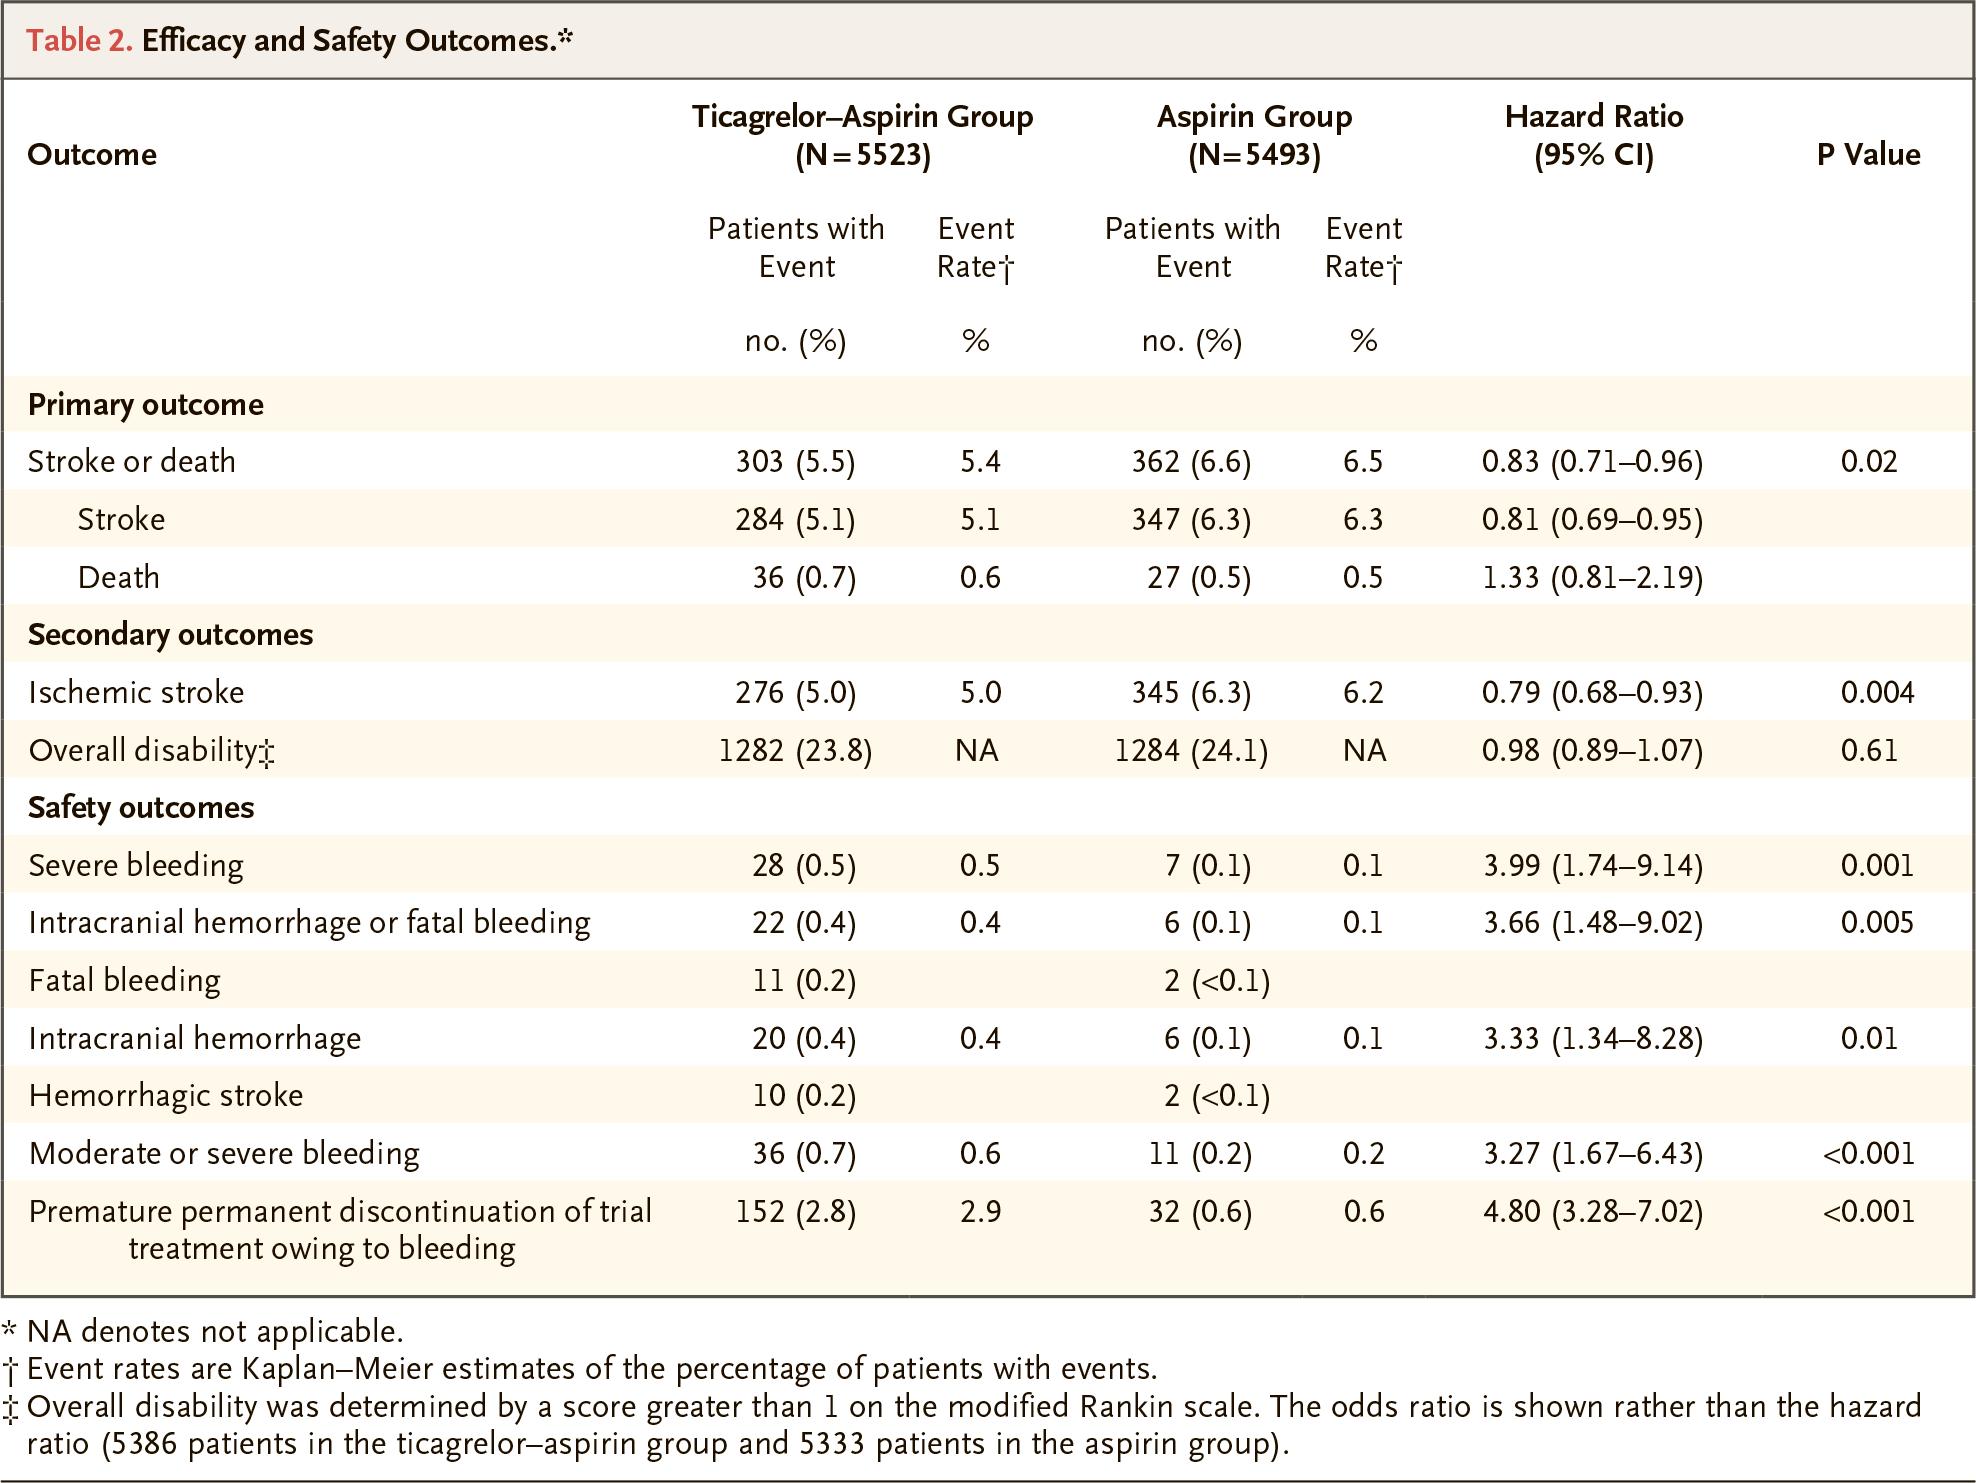 nct03354429 results 01 - «Брилинта»: эффективная профилактика инсультов